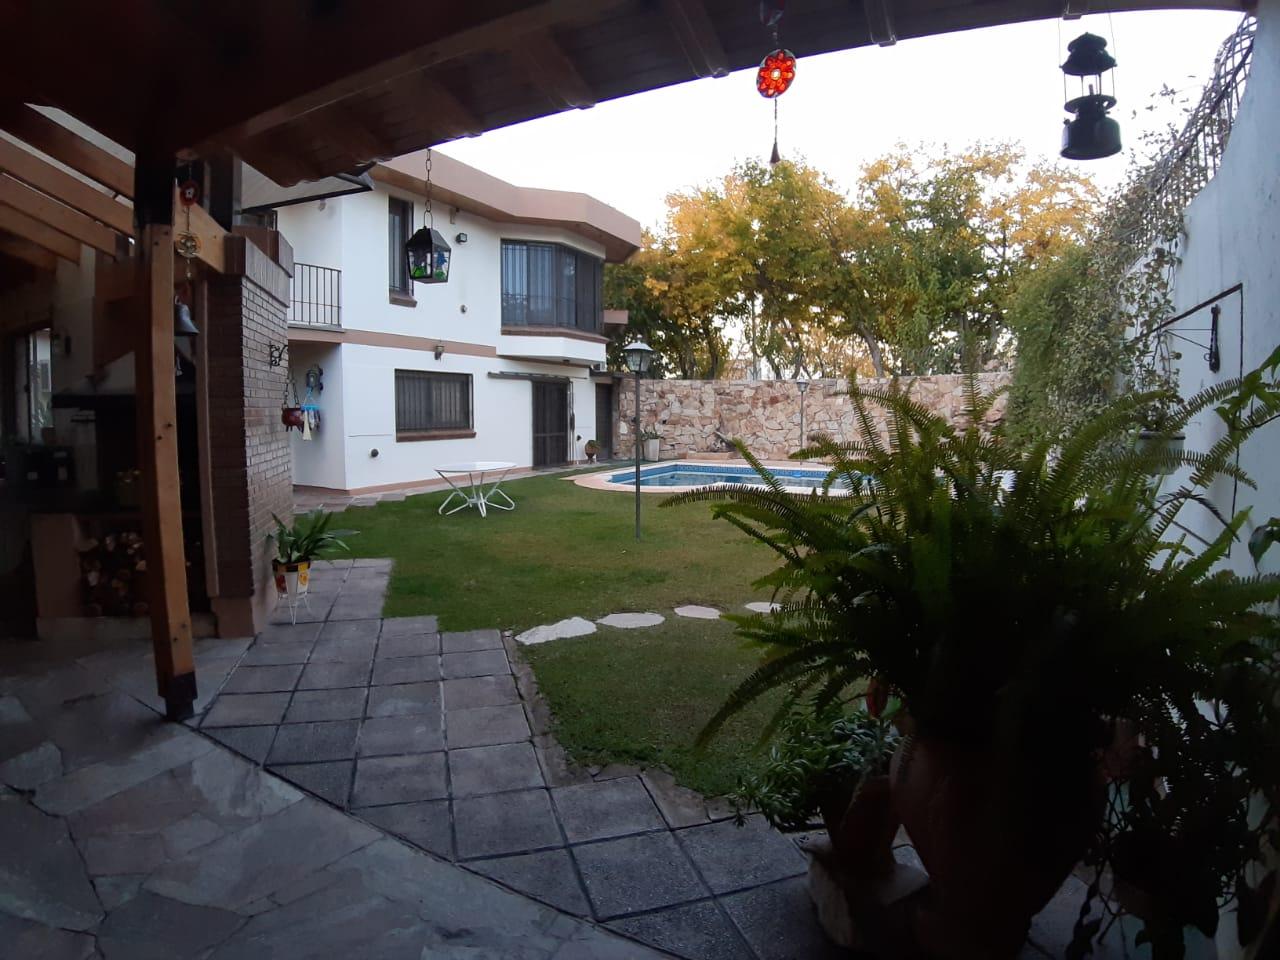 Casa CALLE GUTIERREZ a metros de LAS CAÑAS, Dorrego – 4 Habitaciones – Pileta – Churrasquera – Cochera Múltiple